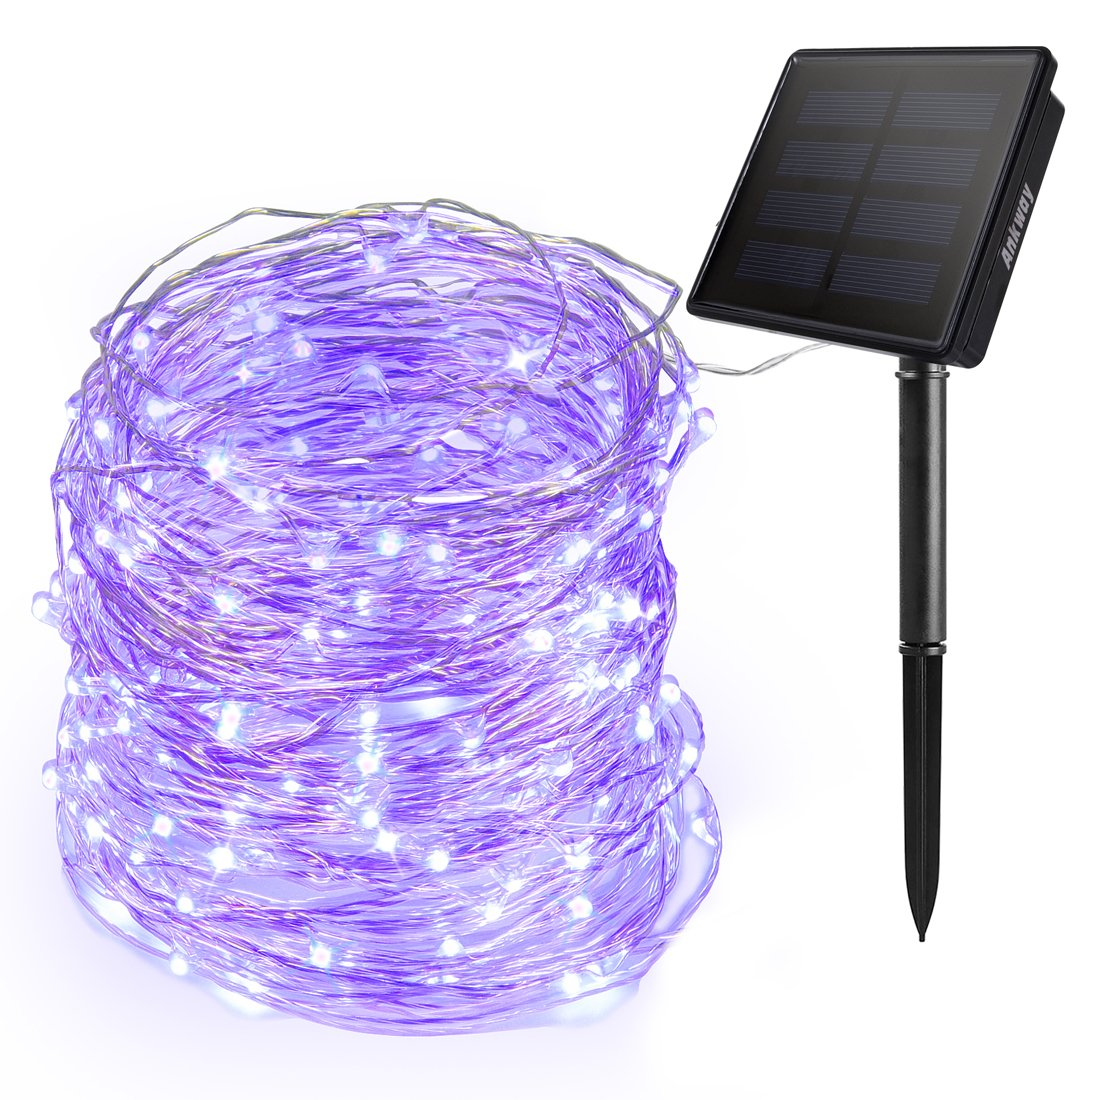 Ankway Cadena Luces Solares 200 LED 8 Modos (Nueva Versión-3 Filamentos del Alambre de Cobre, 72ft/22M) Guirnalda Luces Impermeable para Interior/Exterior para Decoración del Jardín Boda Fiesta, Azul [Clase de eficiencia energética A+++]